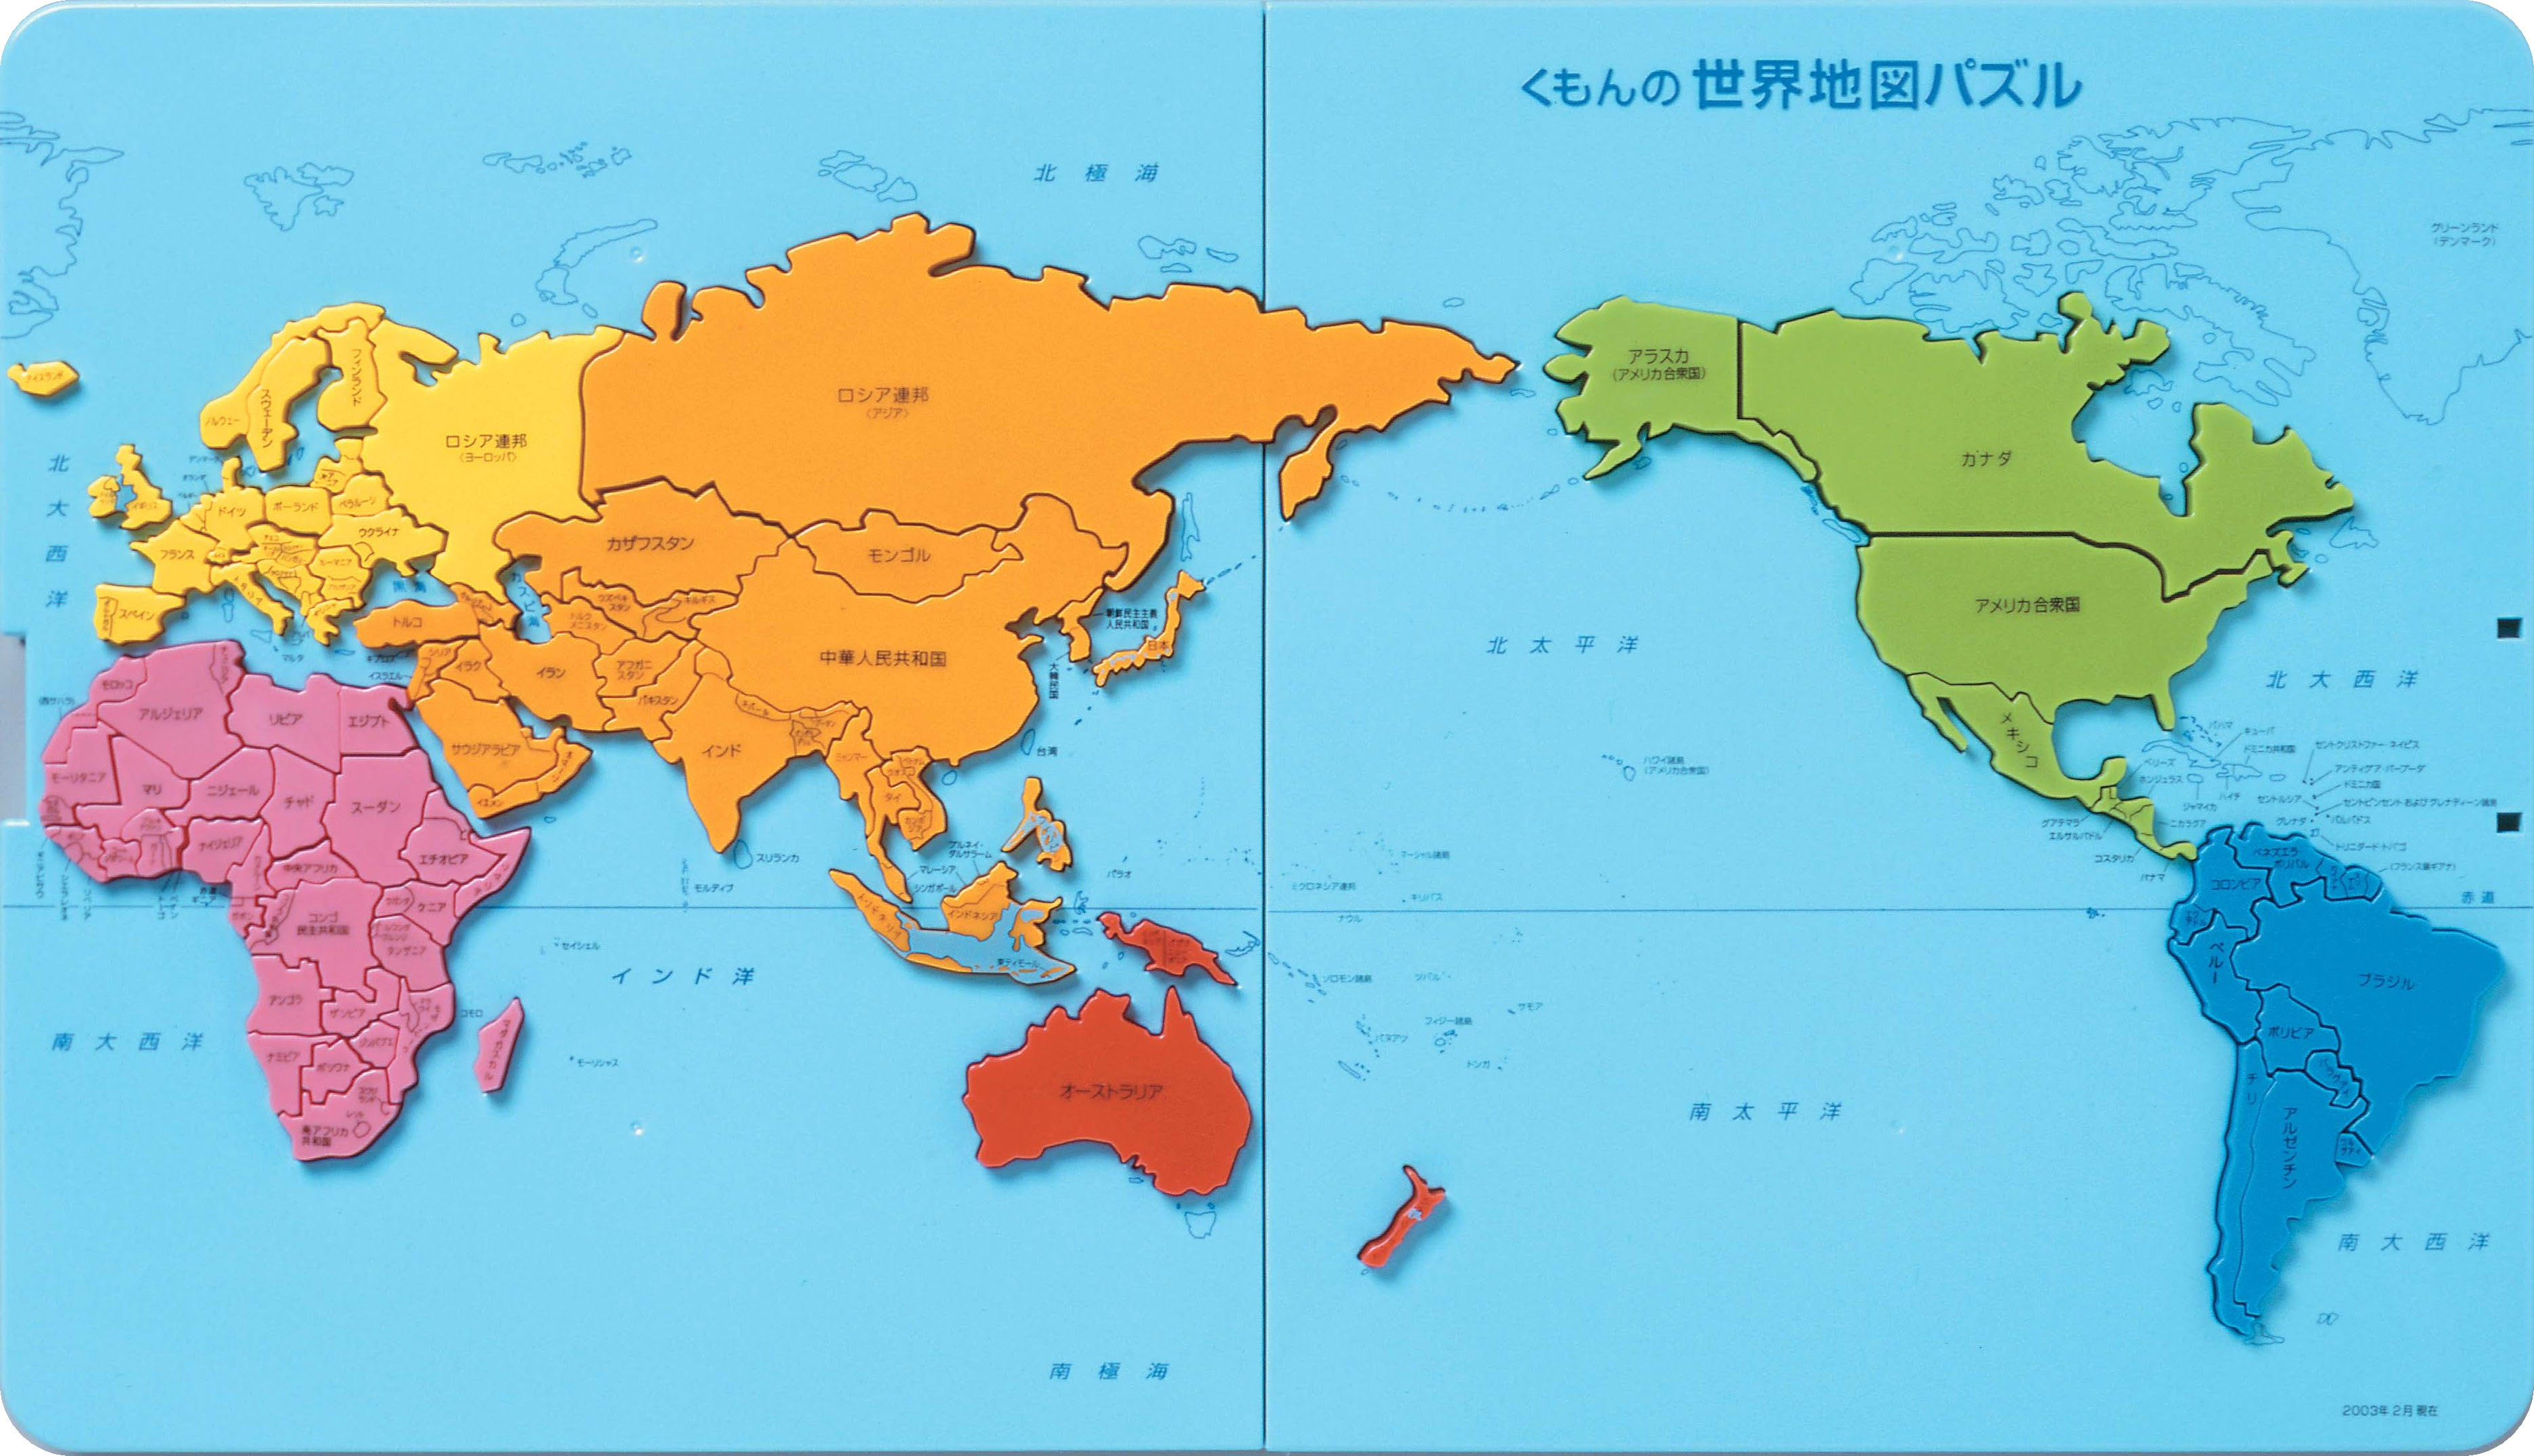 世界地図画像集イラスト実用教材 Naver まとめ